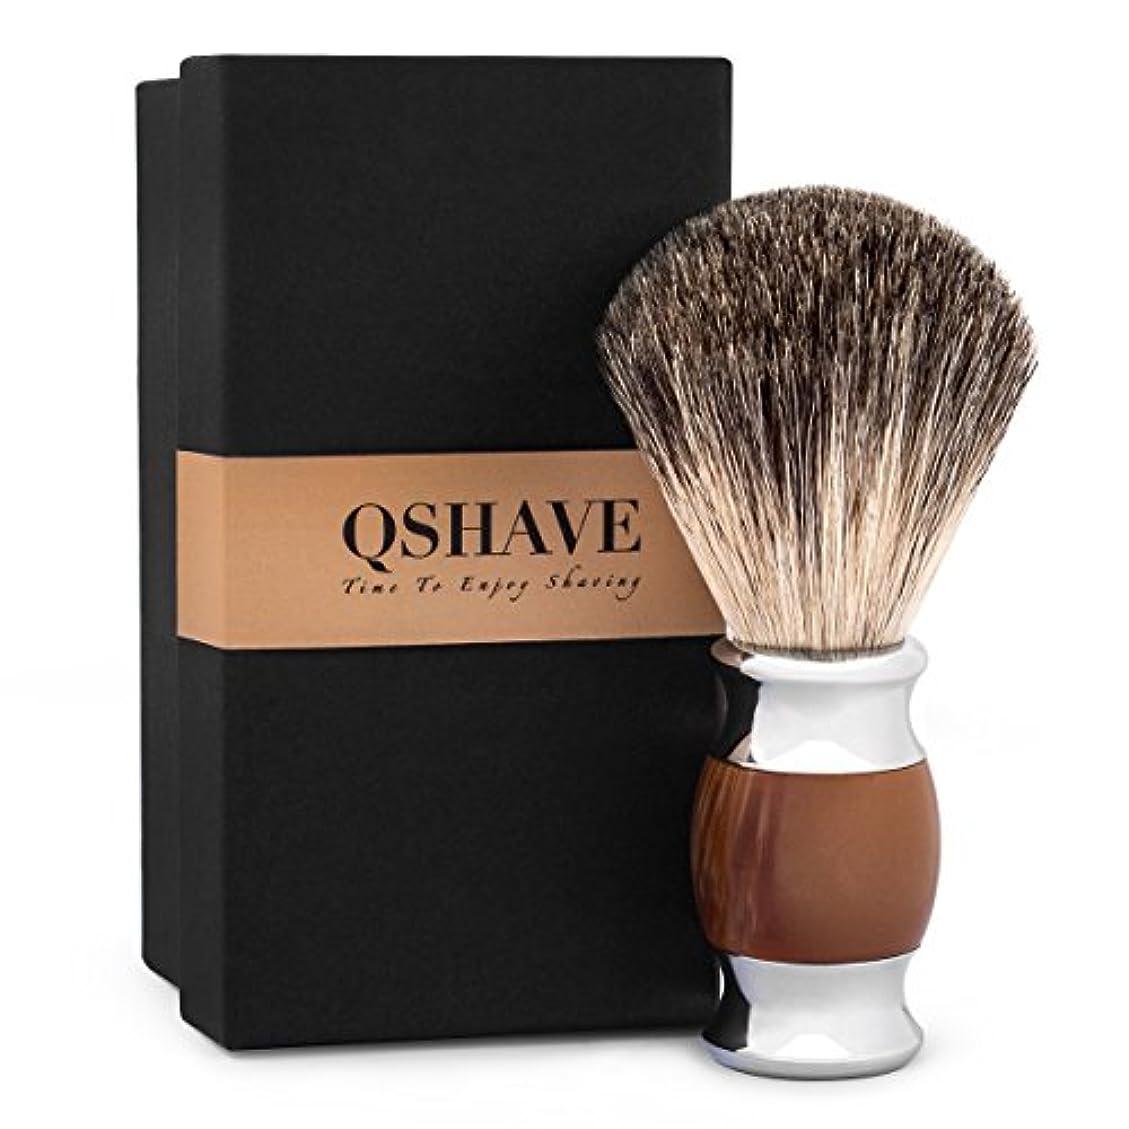 福祉修正する等QSHAVE 100%最高級アナグマ毛オリジナルハンドメイドシェービングブラシ。人工メノウ ハンドル。ウェットシェービング、安全カミソリ、両刃カミソリに最適